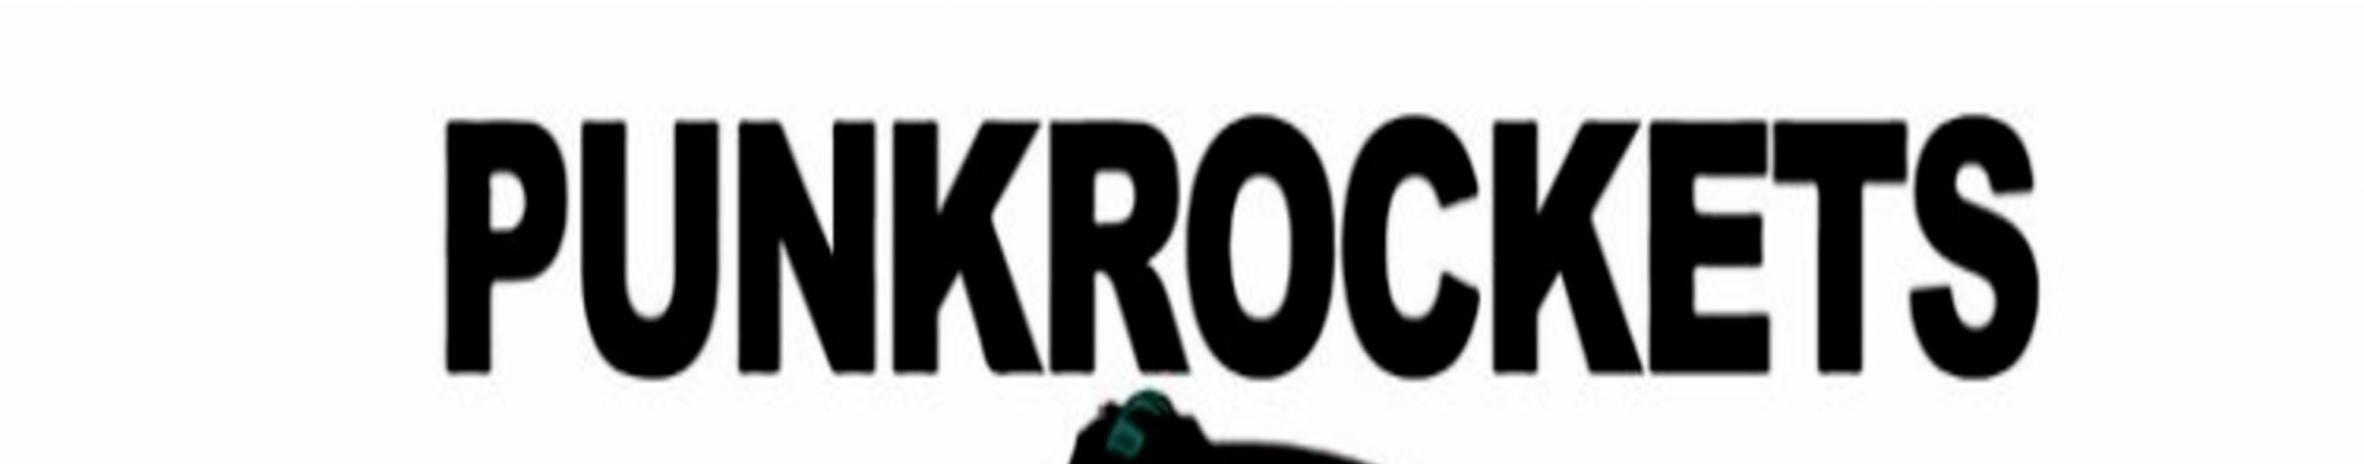 Imagem de capa de PUNKROCKETS